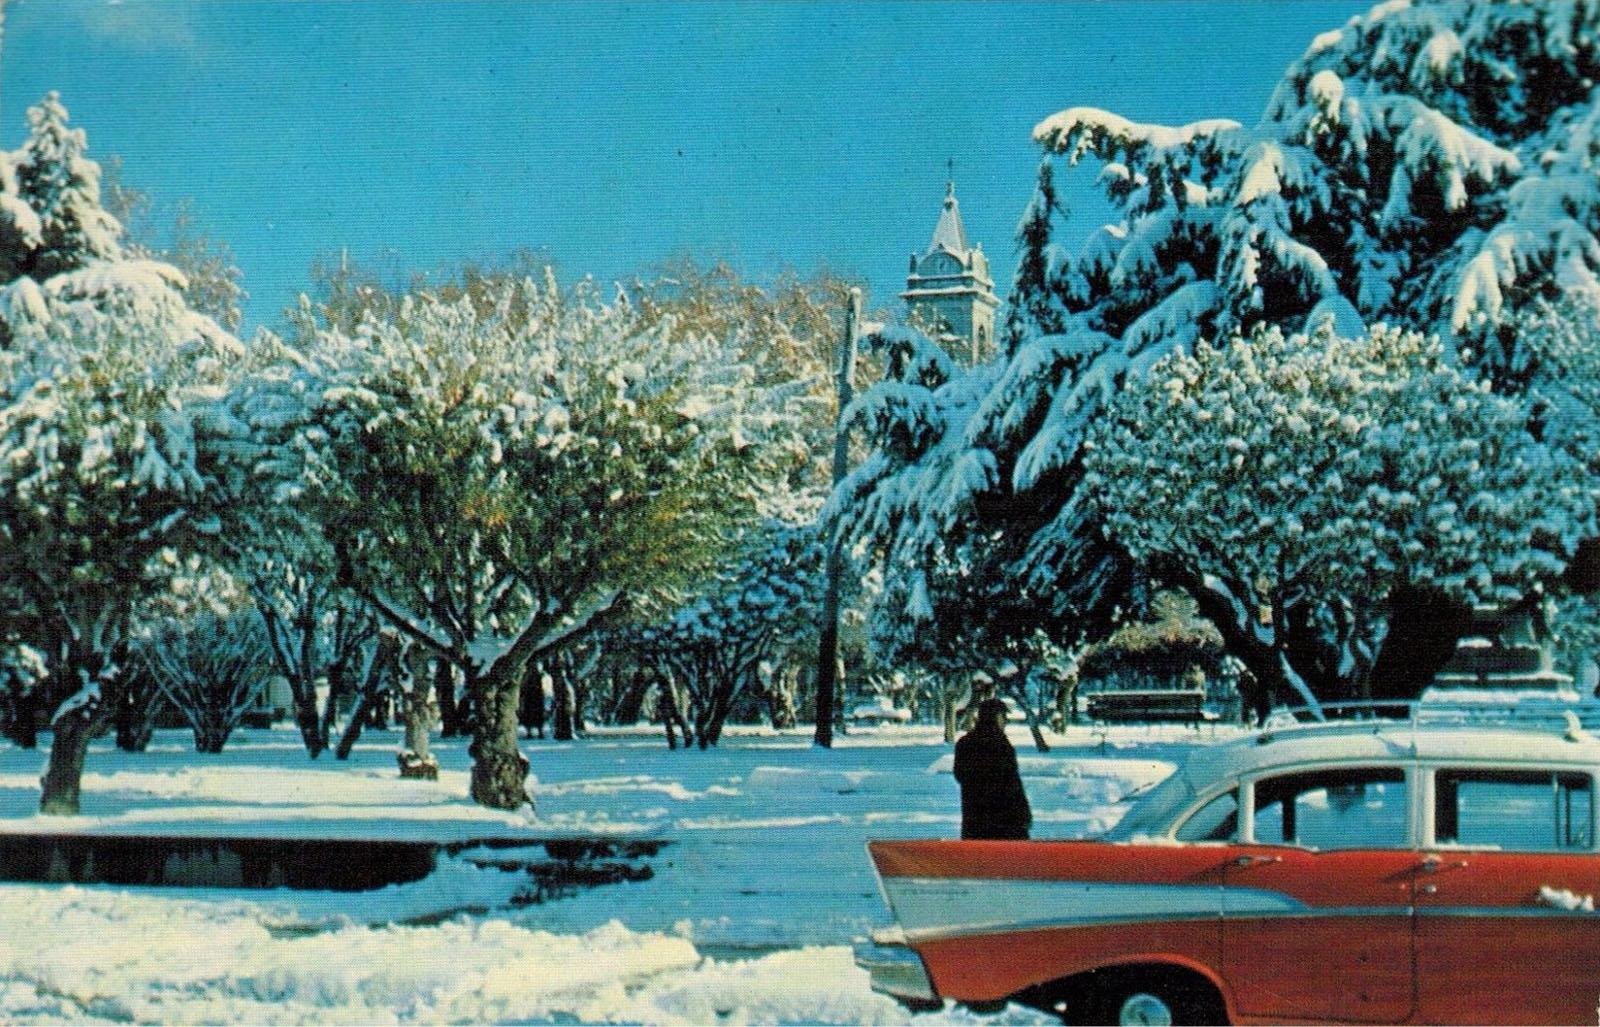 Enterreno - Fotos históricas de chile - fotos antiguas de Chile - Invierno en Punta Arenas, 1960